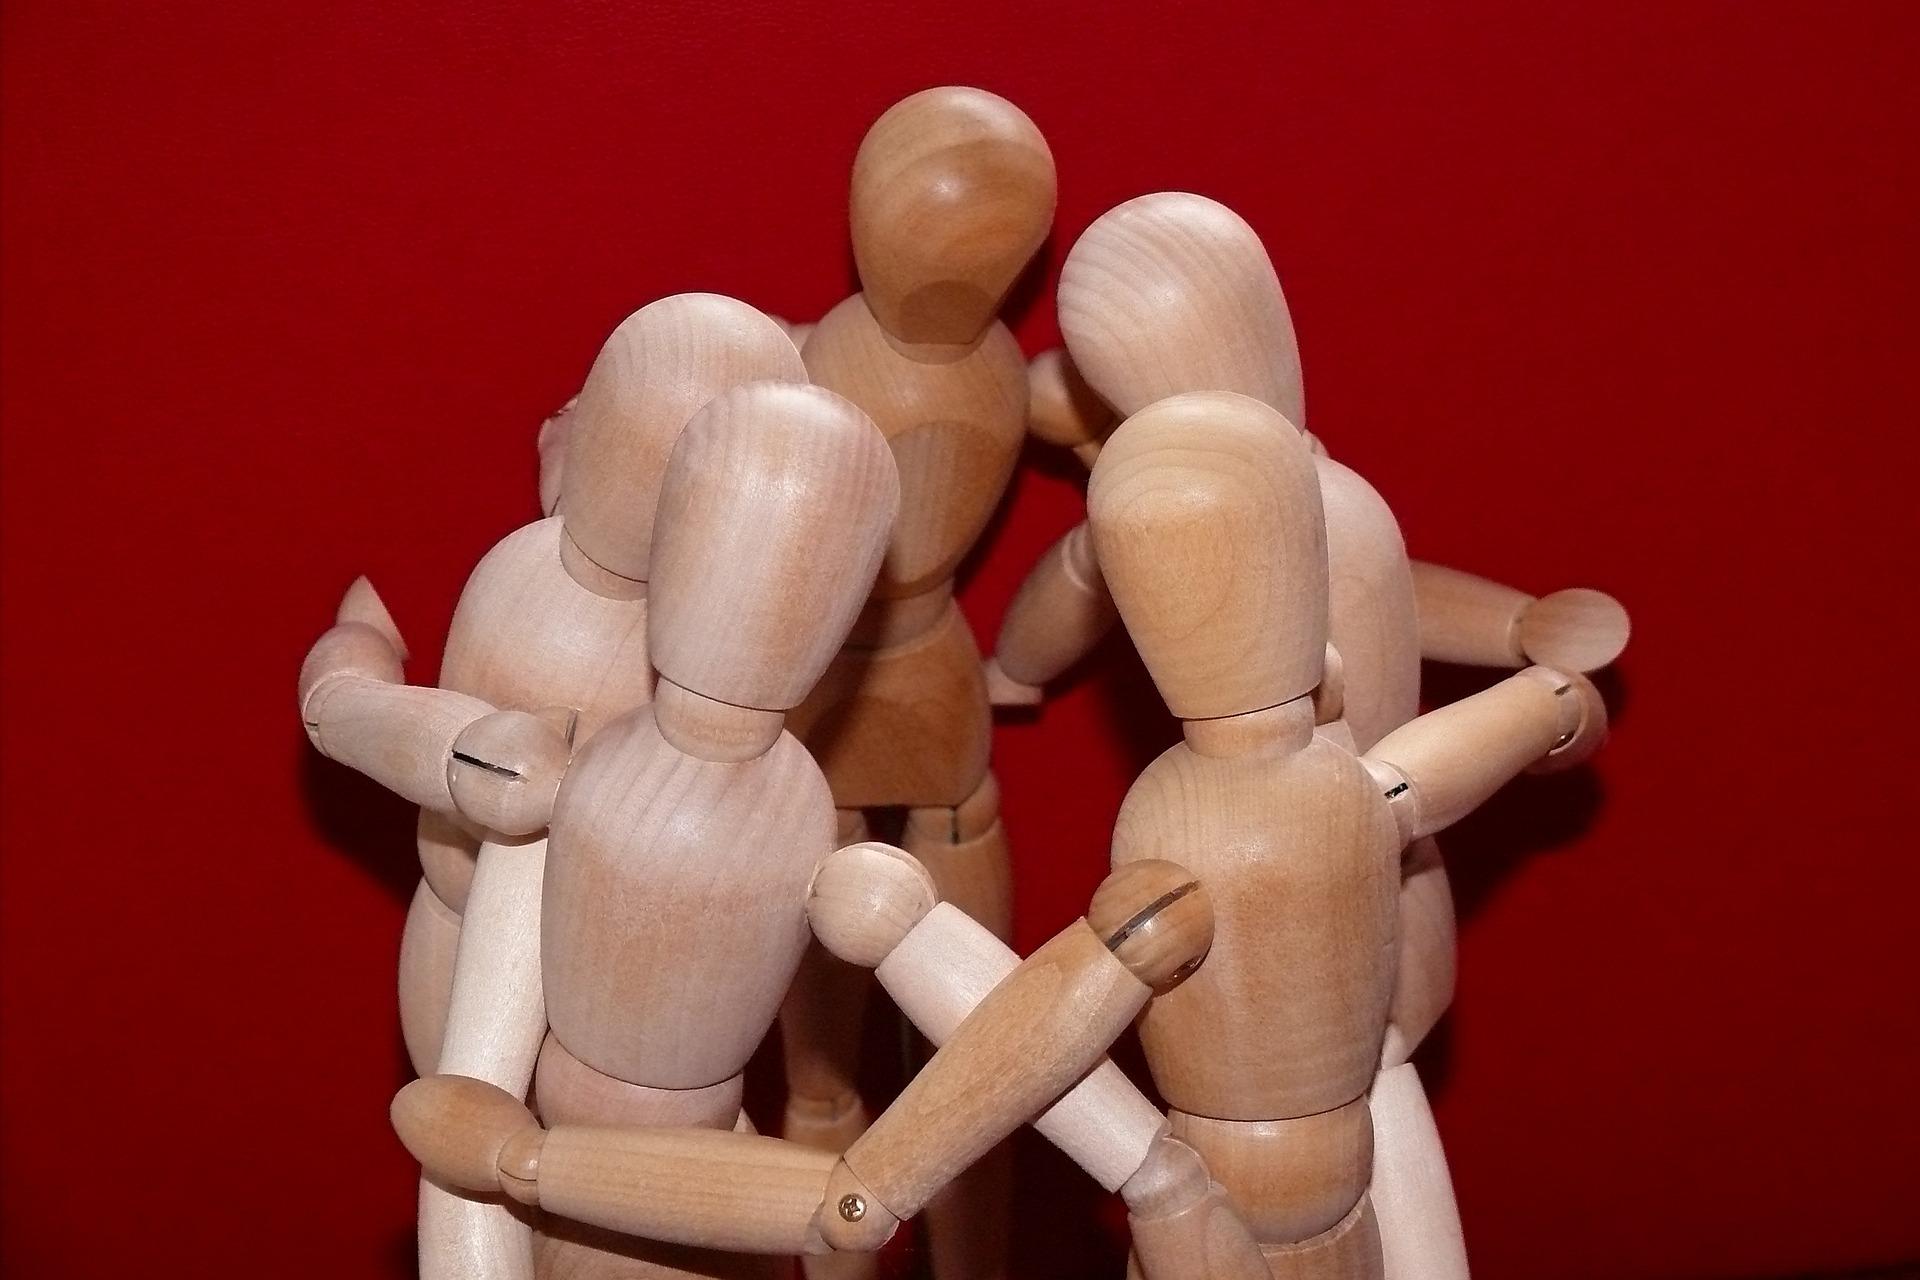 Grup d'ajuda mutua - Grupo de apoyo mutuo